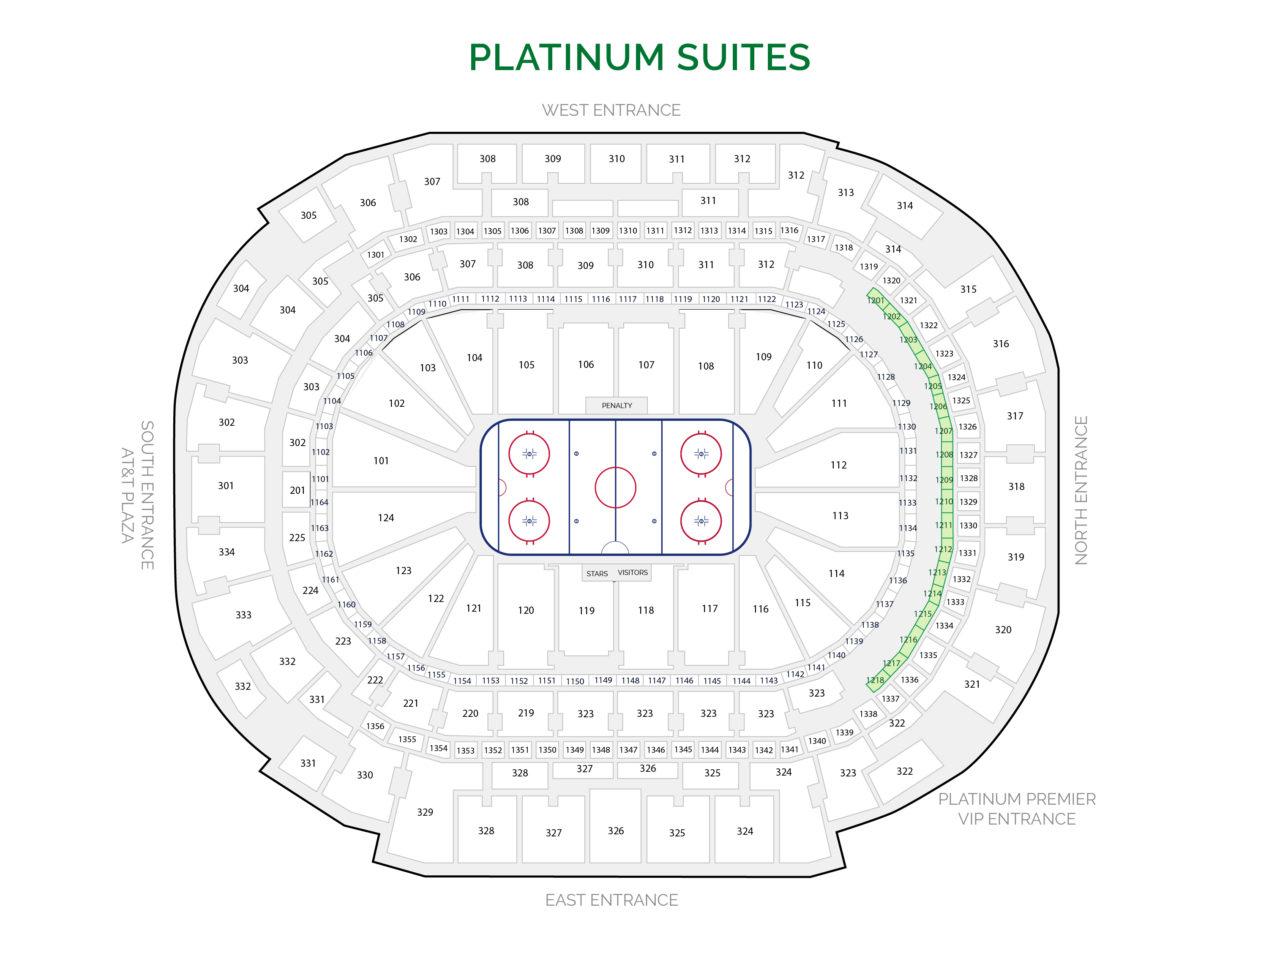 Dallas Stars Suites - Platinum Suites